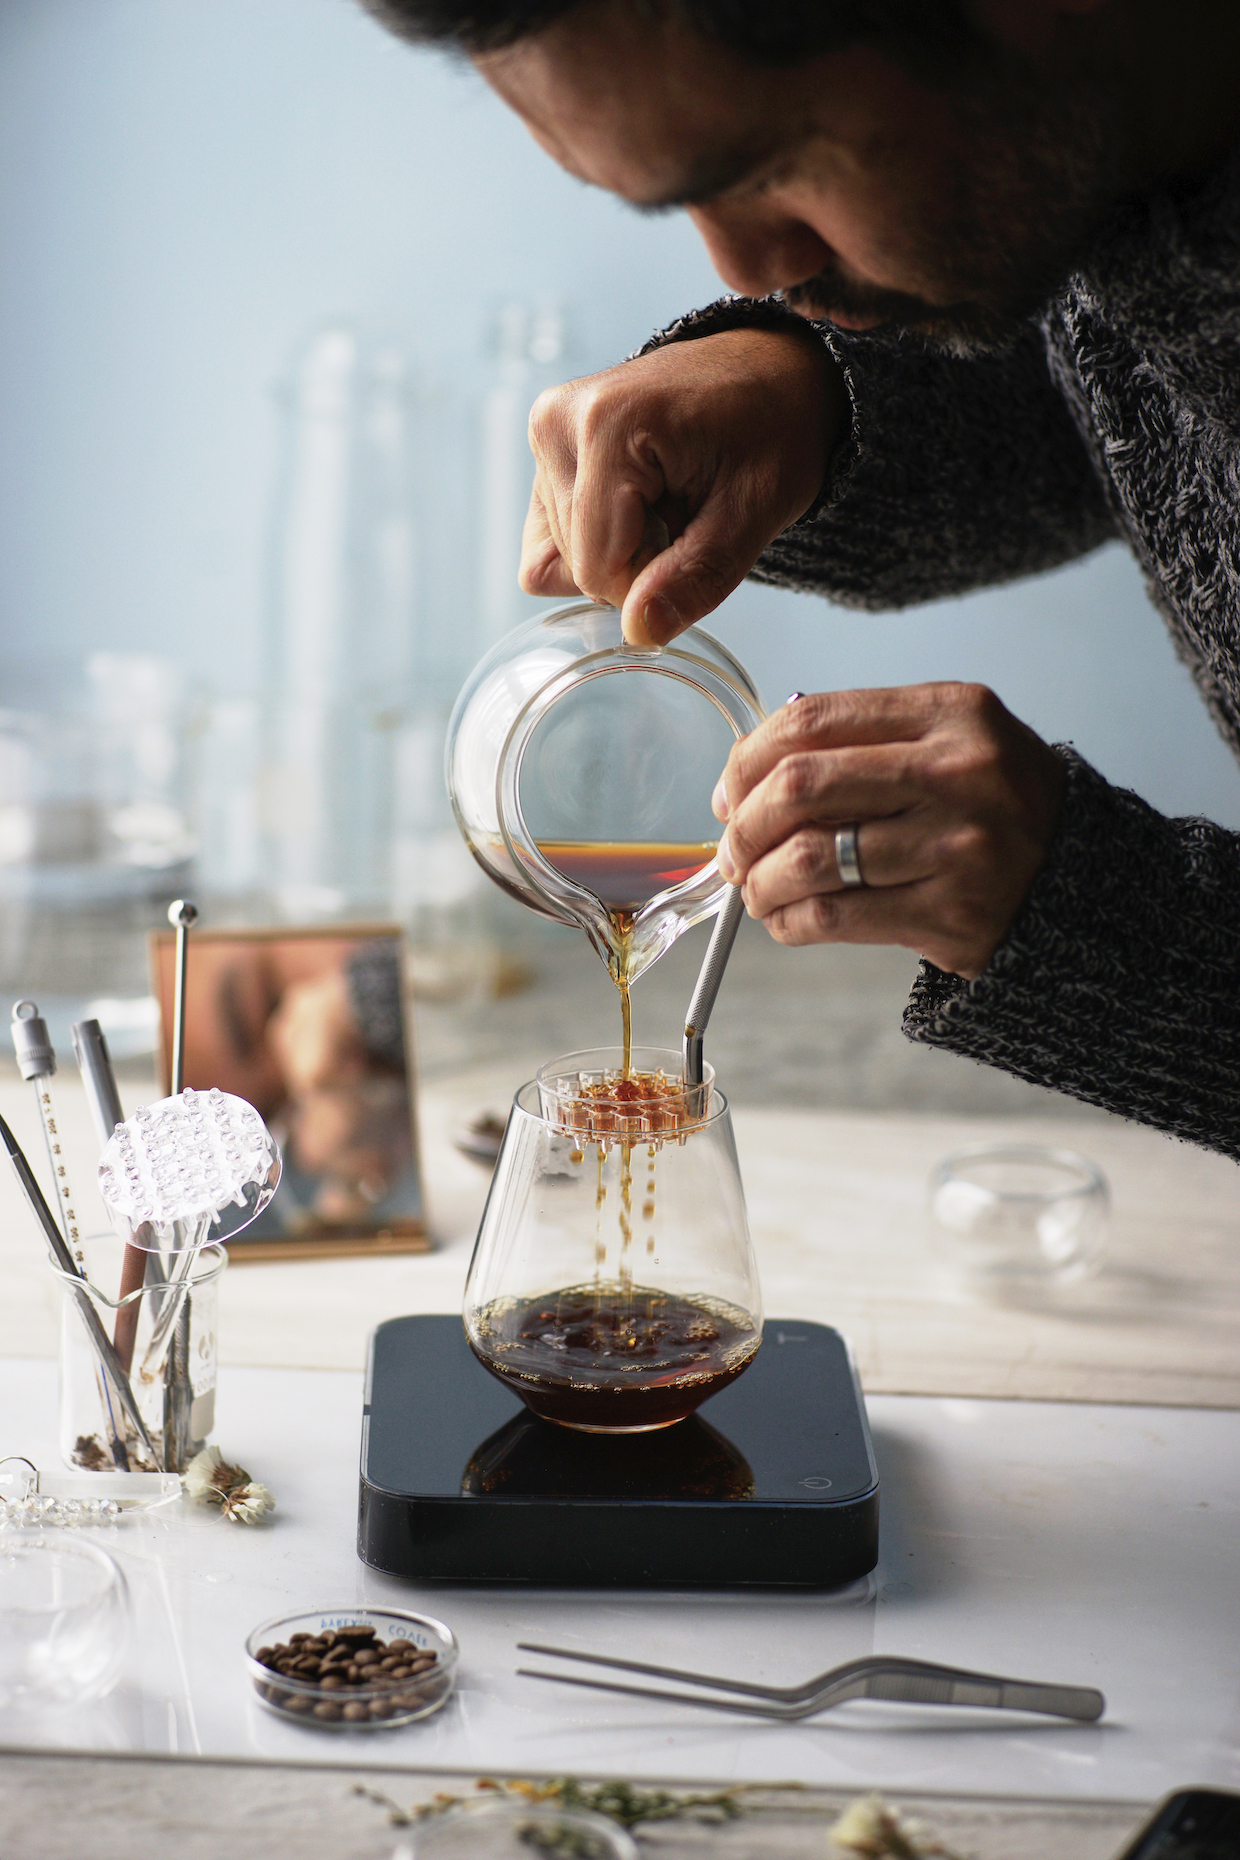 """Outil de café Melodrip """"width ="""" 1240 """"height ="""" 1860 """"/></p></noscript><p> L'outil Melodrip est essentiellement comme un écran de douche pour le brassage de pourover; un plat de dispersion à poignée fait de clair Le plastique Tritan qui diffuse le flux singulier et relativement lourd d'une bouilloire dans une série de dribbles très doux. L'utilisateur tient le Melodrip aussi près du café que possible et le déplace tout en versant l'eau sur celui-ci, ce qui facilite même la saturation avec un Un minimum de perturbation.</p><p> Le but du Melodrip n'est pas de mettre le kibosh en agitation tout à fait, mais plutôt de le contrôler. Le problème avec la turbulence incidente, selon le développeur de Melodrip Ray Murakawa, est la """"décharge de particules"""" """", C'est-à-dire de minuscules microfines qui peuvent ensuite passer par n'importe quel filtre, y compris les filtres en papier. La coupe suivante n'est pas aussi claire que possible, ce qui provoque ce que Murakawa – qui est nouveau dans la sphère professionnelle du café, mais un dépositaire analytique tout au long de la vie Ee de la brasserie – se caractérise par «blocage des récepteurs», un revêtement de ces microfines sur le palais du buveur qui bloque ou perturbe la perception de l'ensemble des spectres et des composés présents dans le café.</p><p> <img data-attachment-id="""